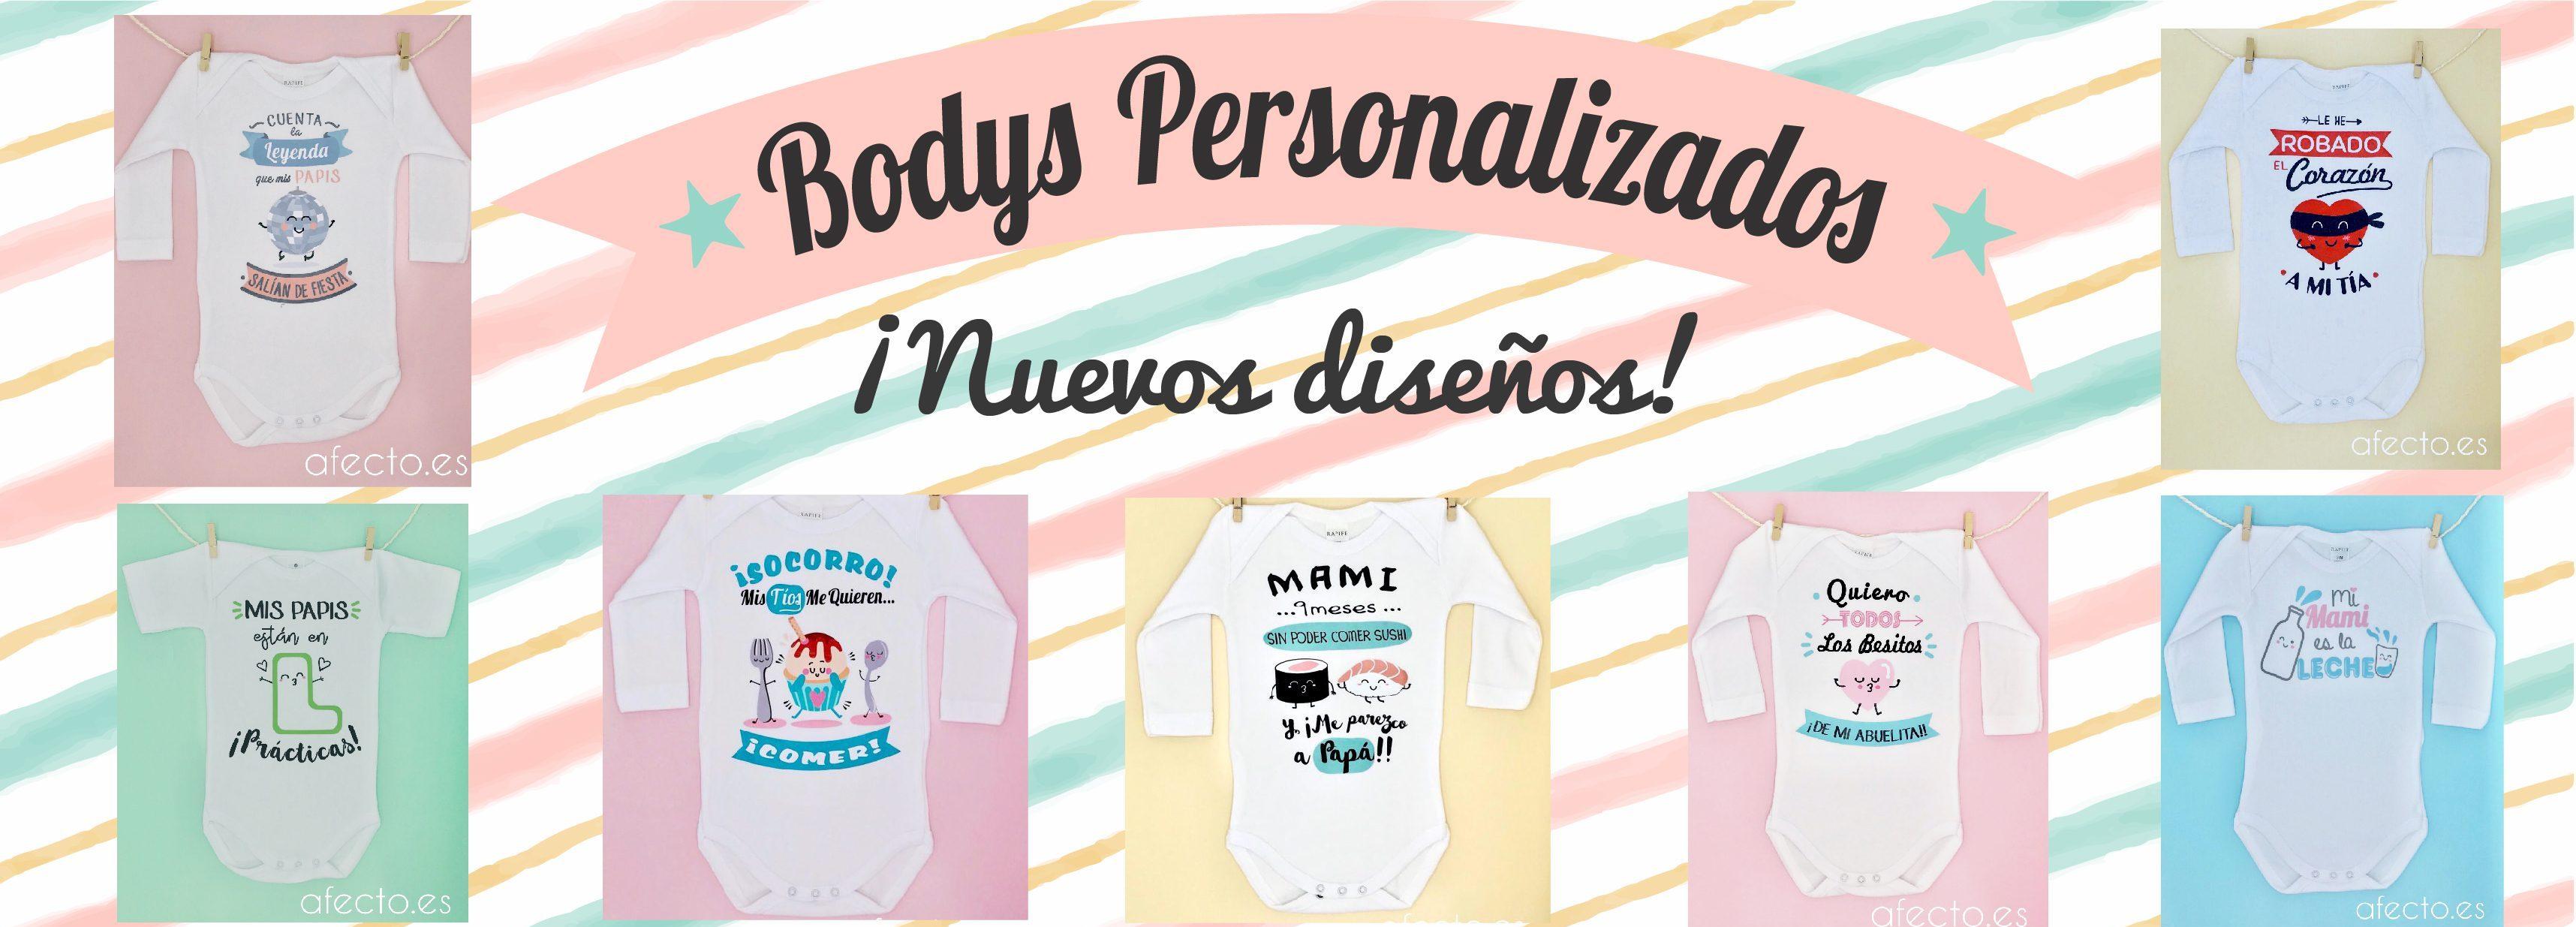 bodys personalizados nuevos modelos